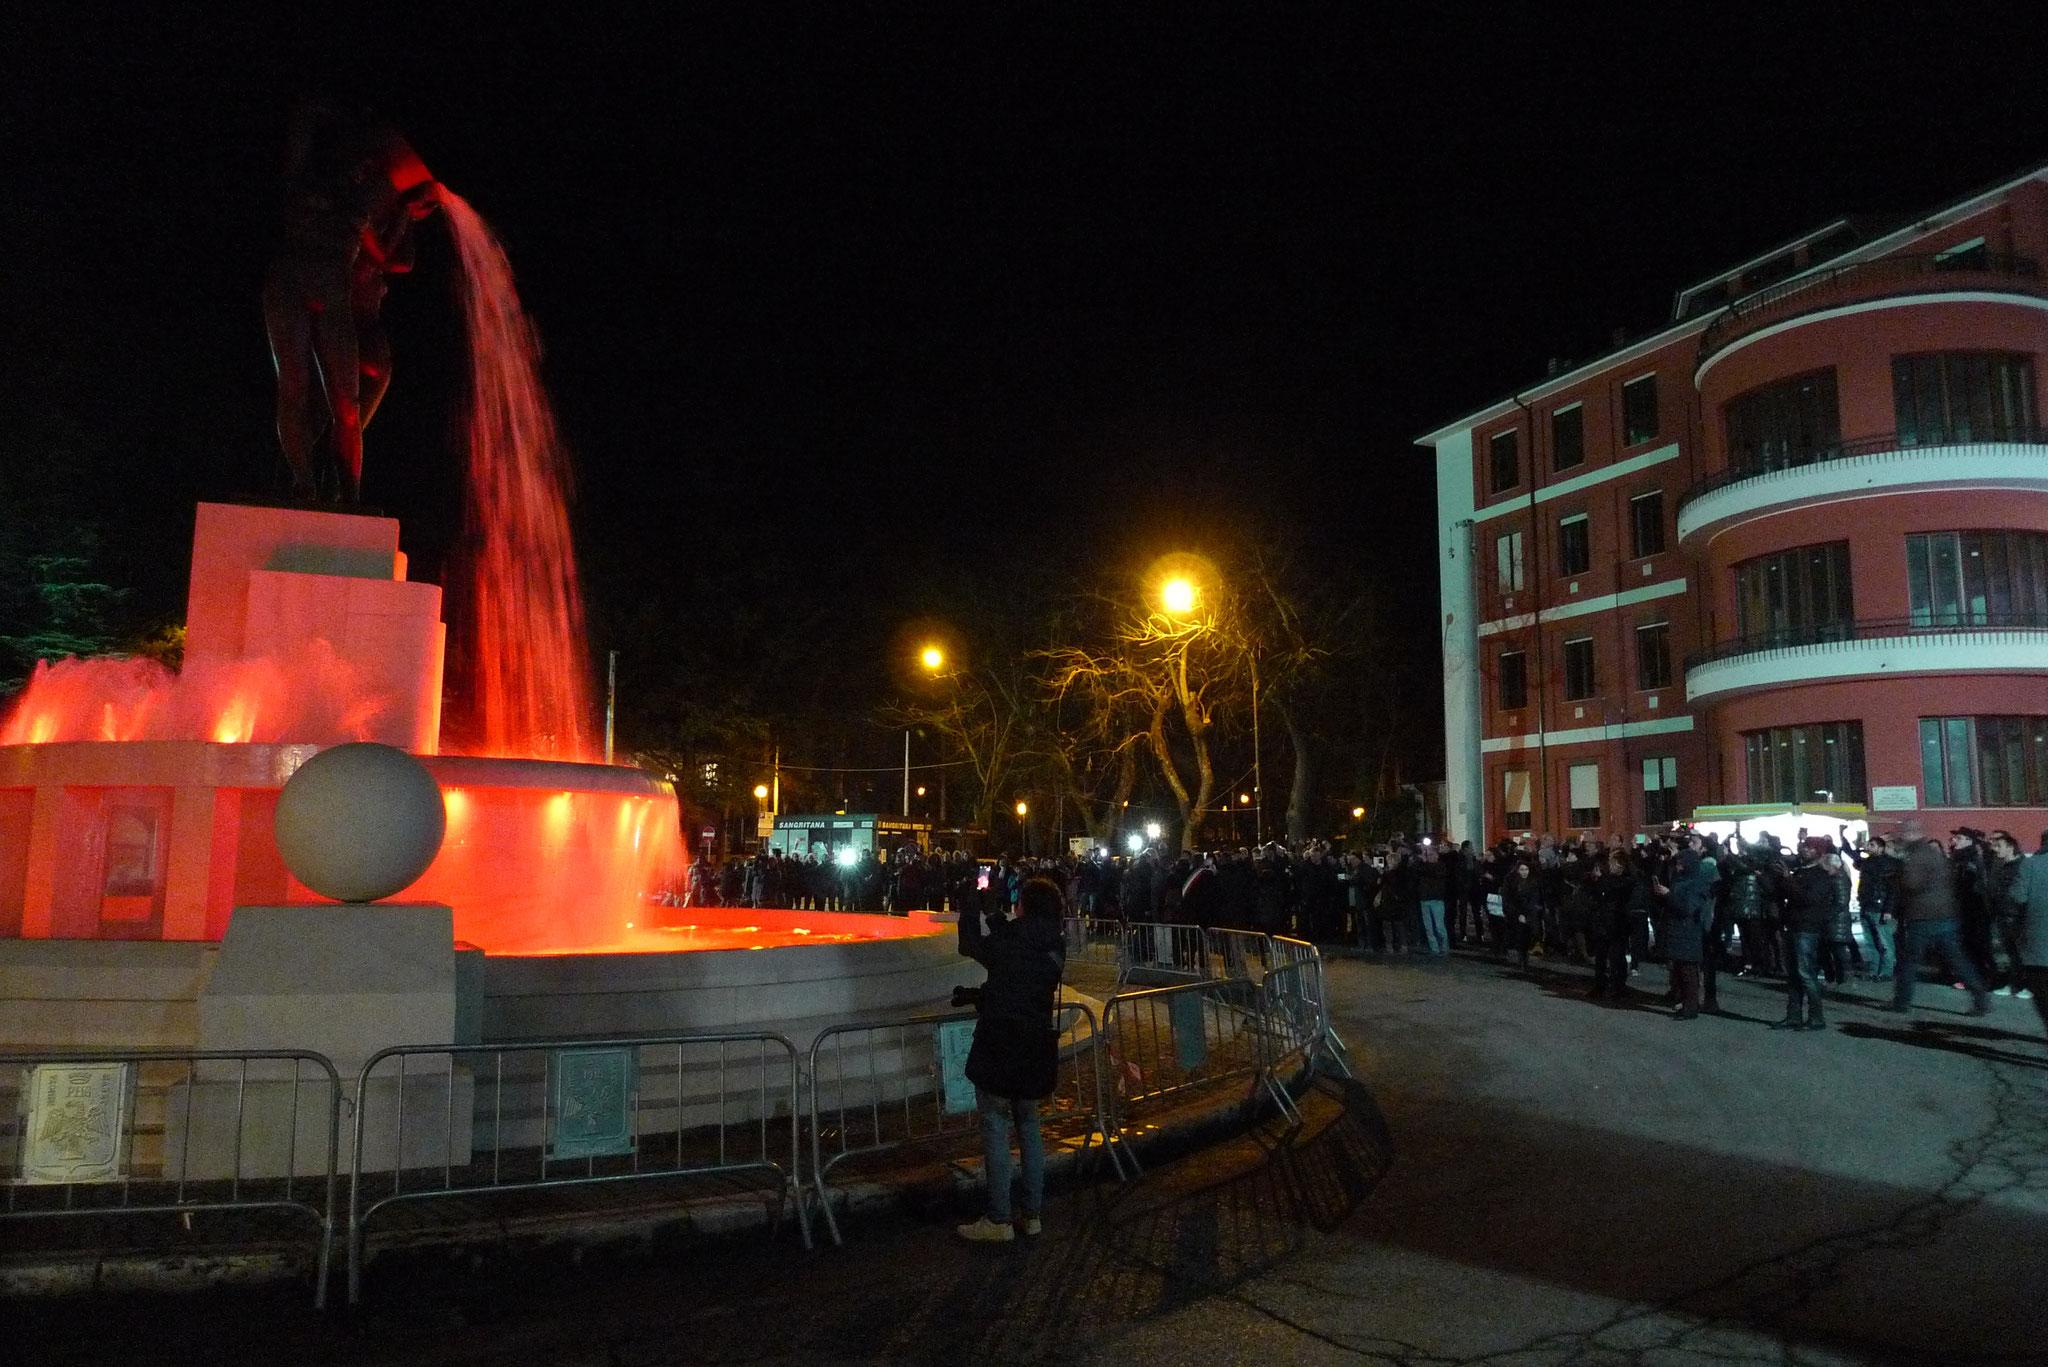 L'Aquila, dicembre 2016. Torna la Fontana Luminosa e si tinge subito di nuova speranza.